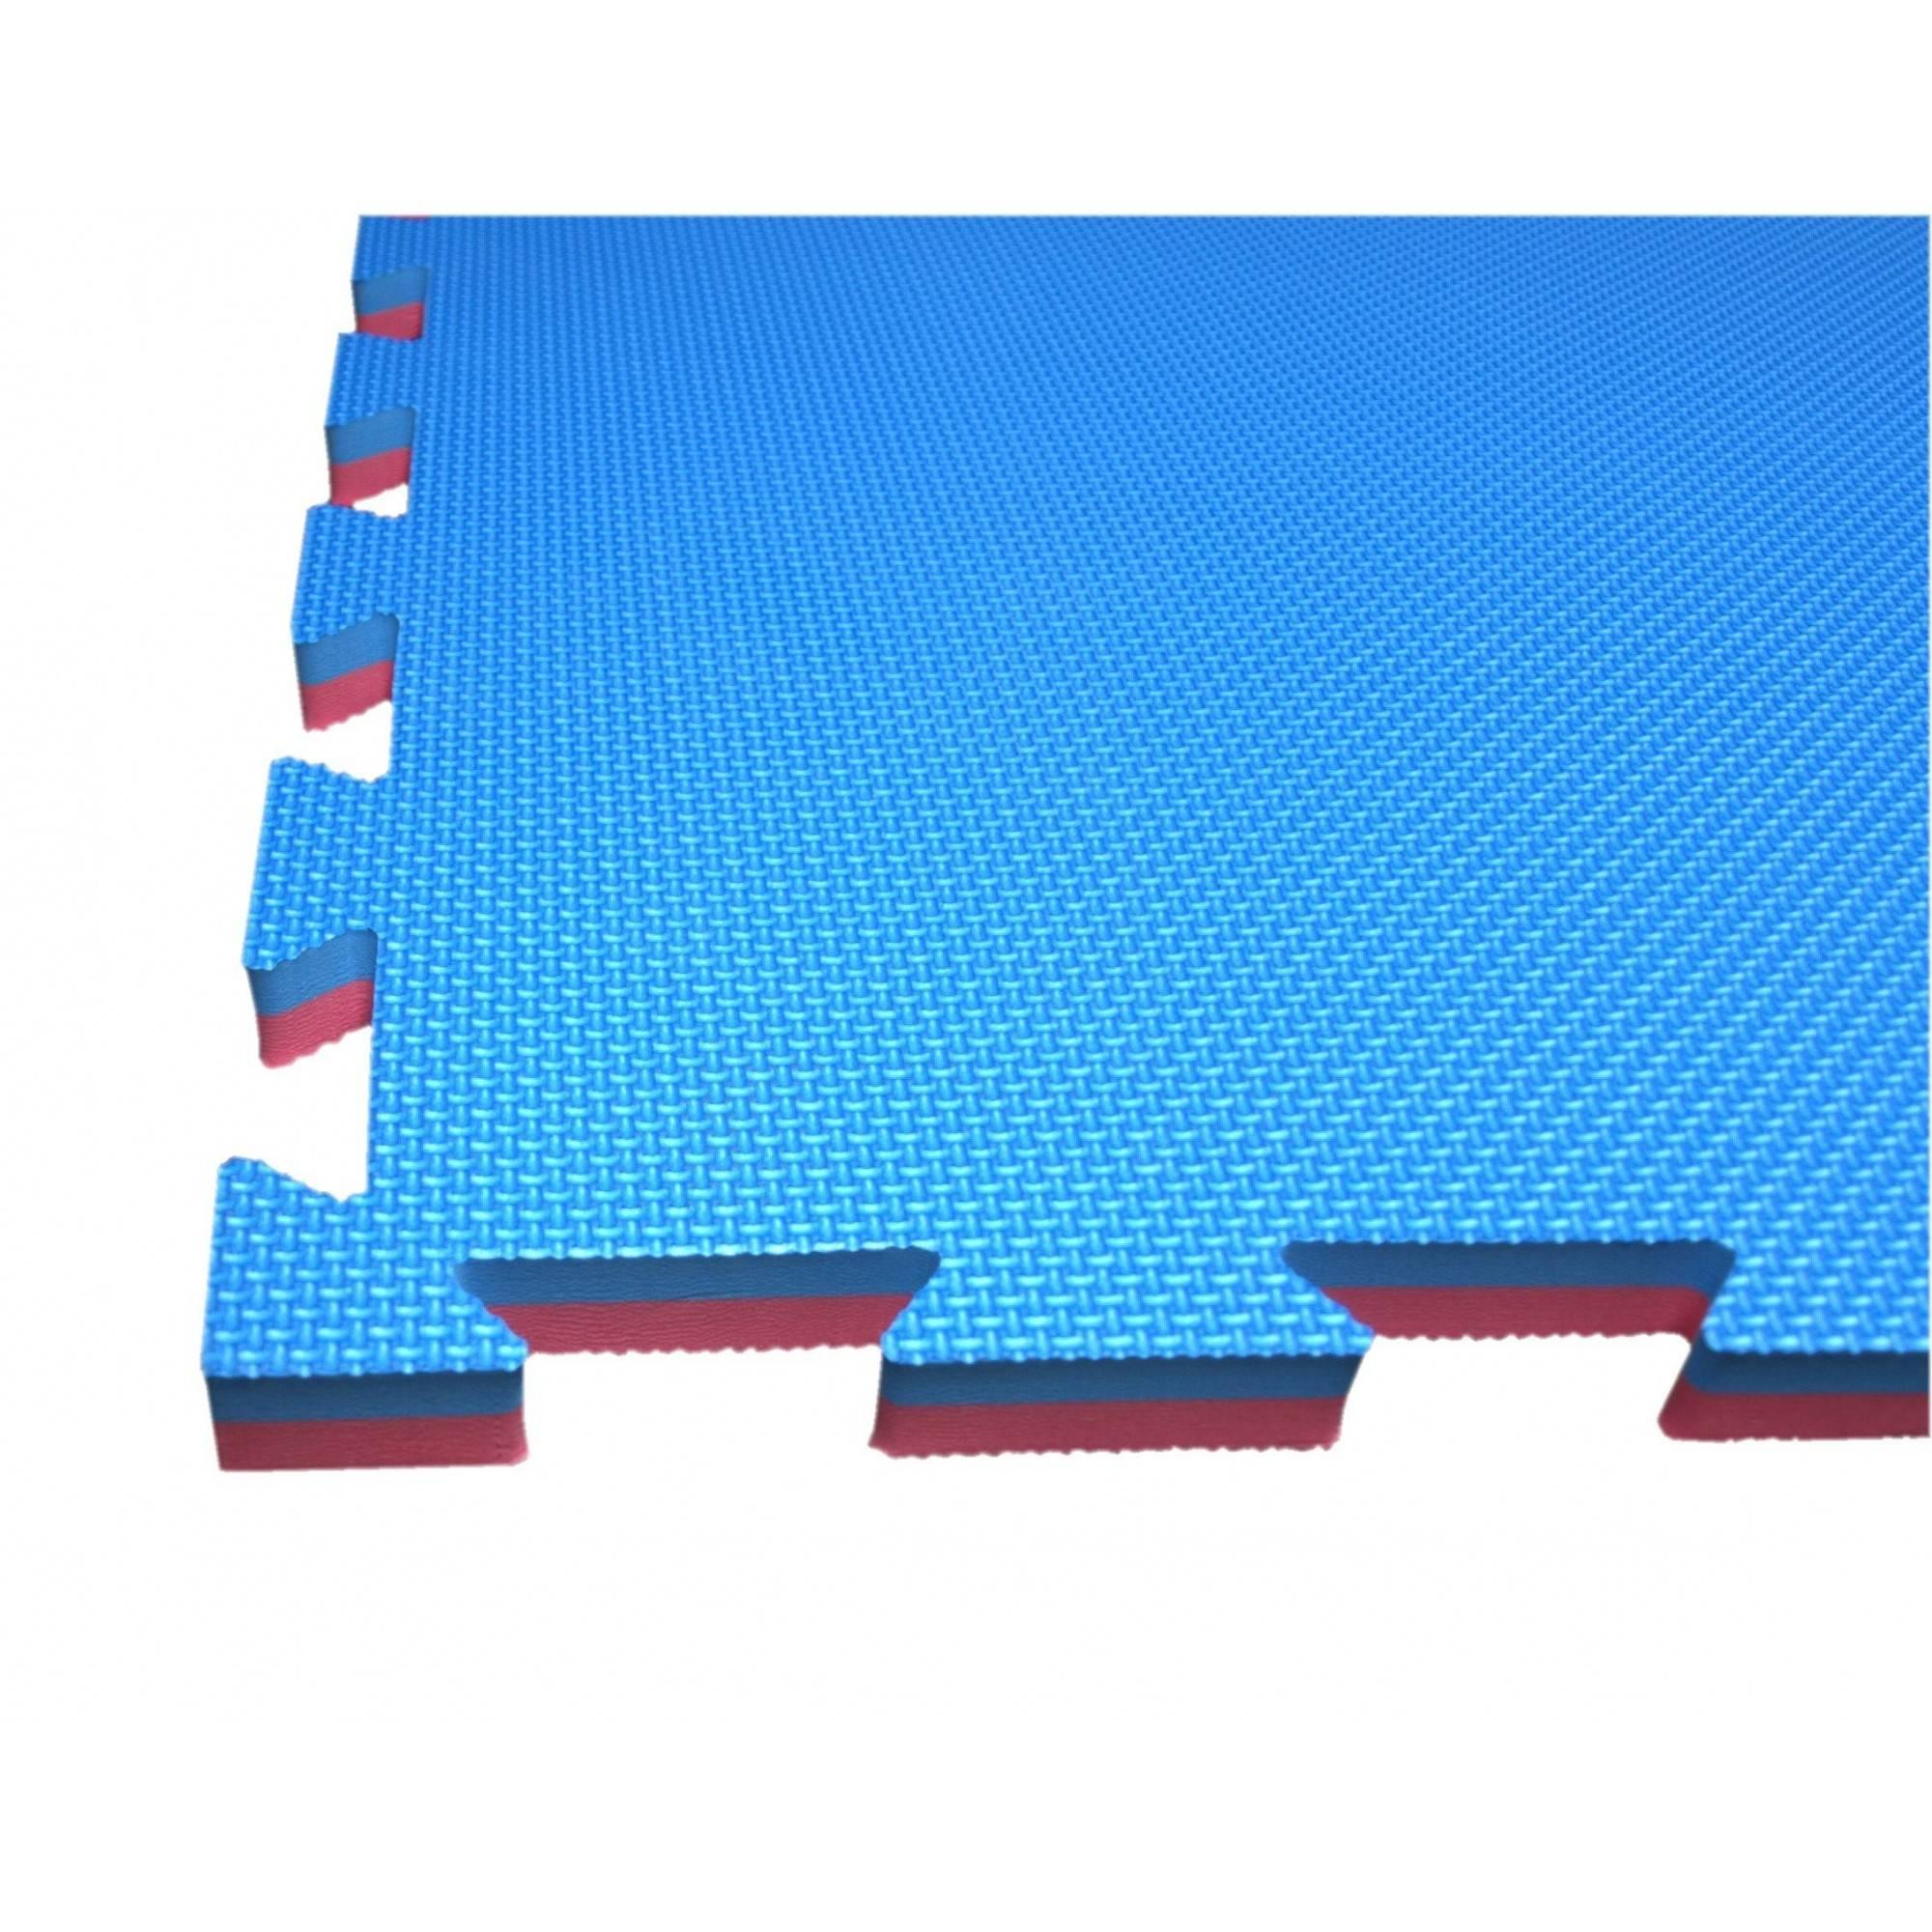 Mata modułowa sportów walk puzzle Spartan Sport 100x100x2cm | dwustronna,producent: SPARTAN SPORT, zdjecie photo: 1 | online sho